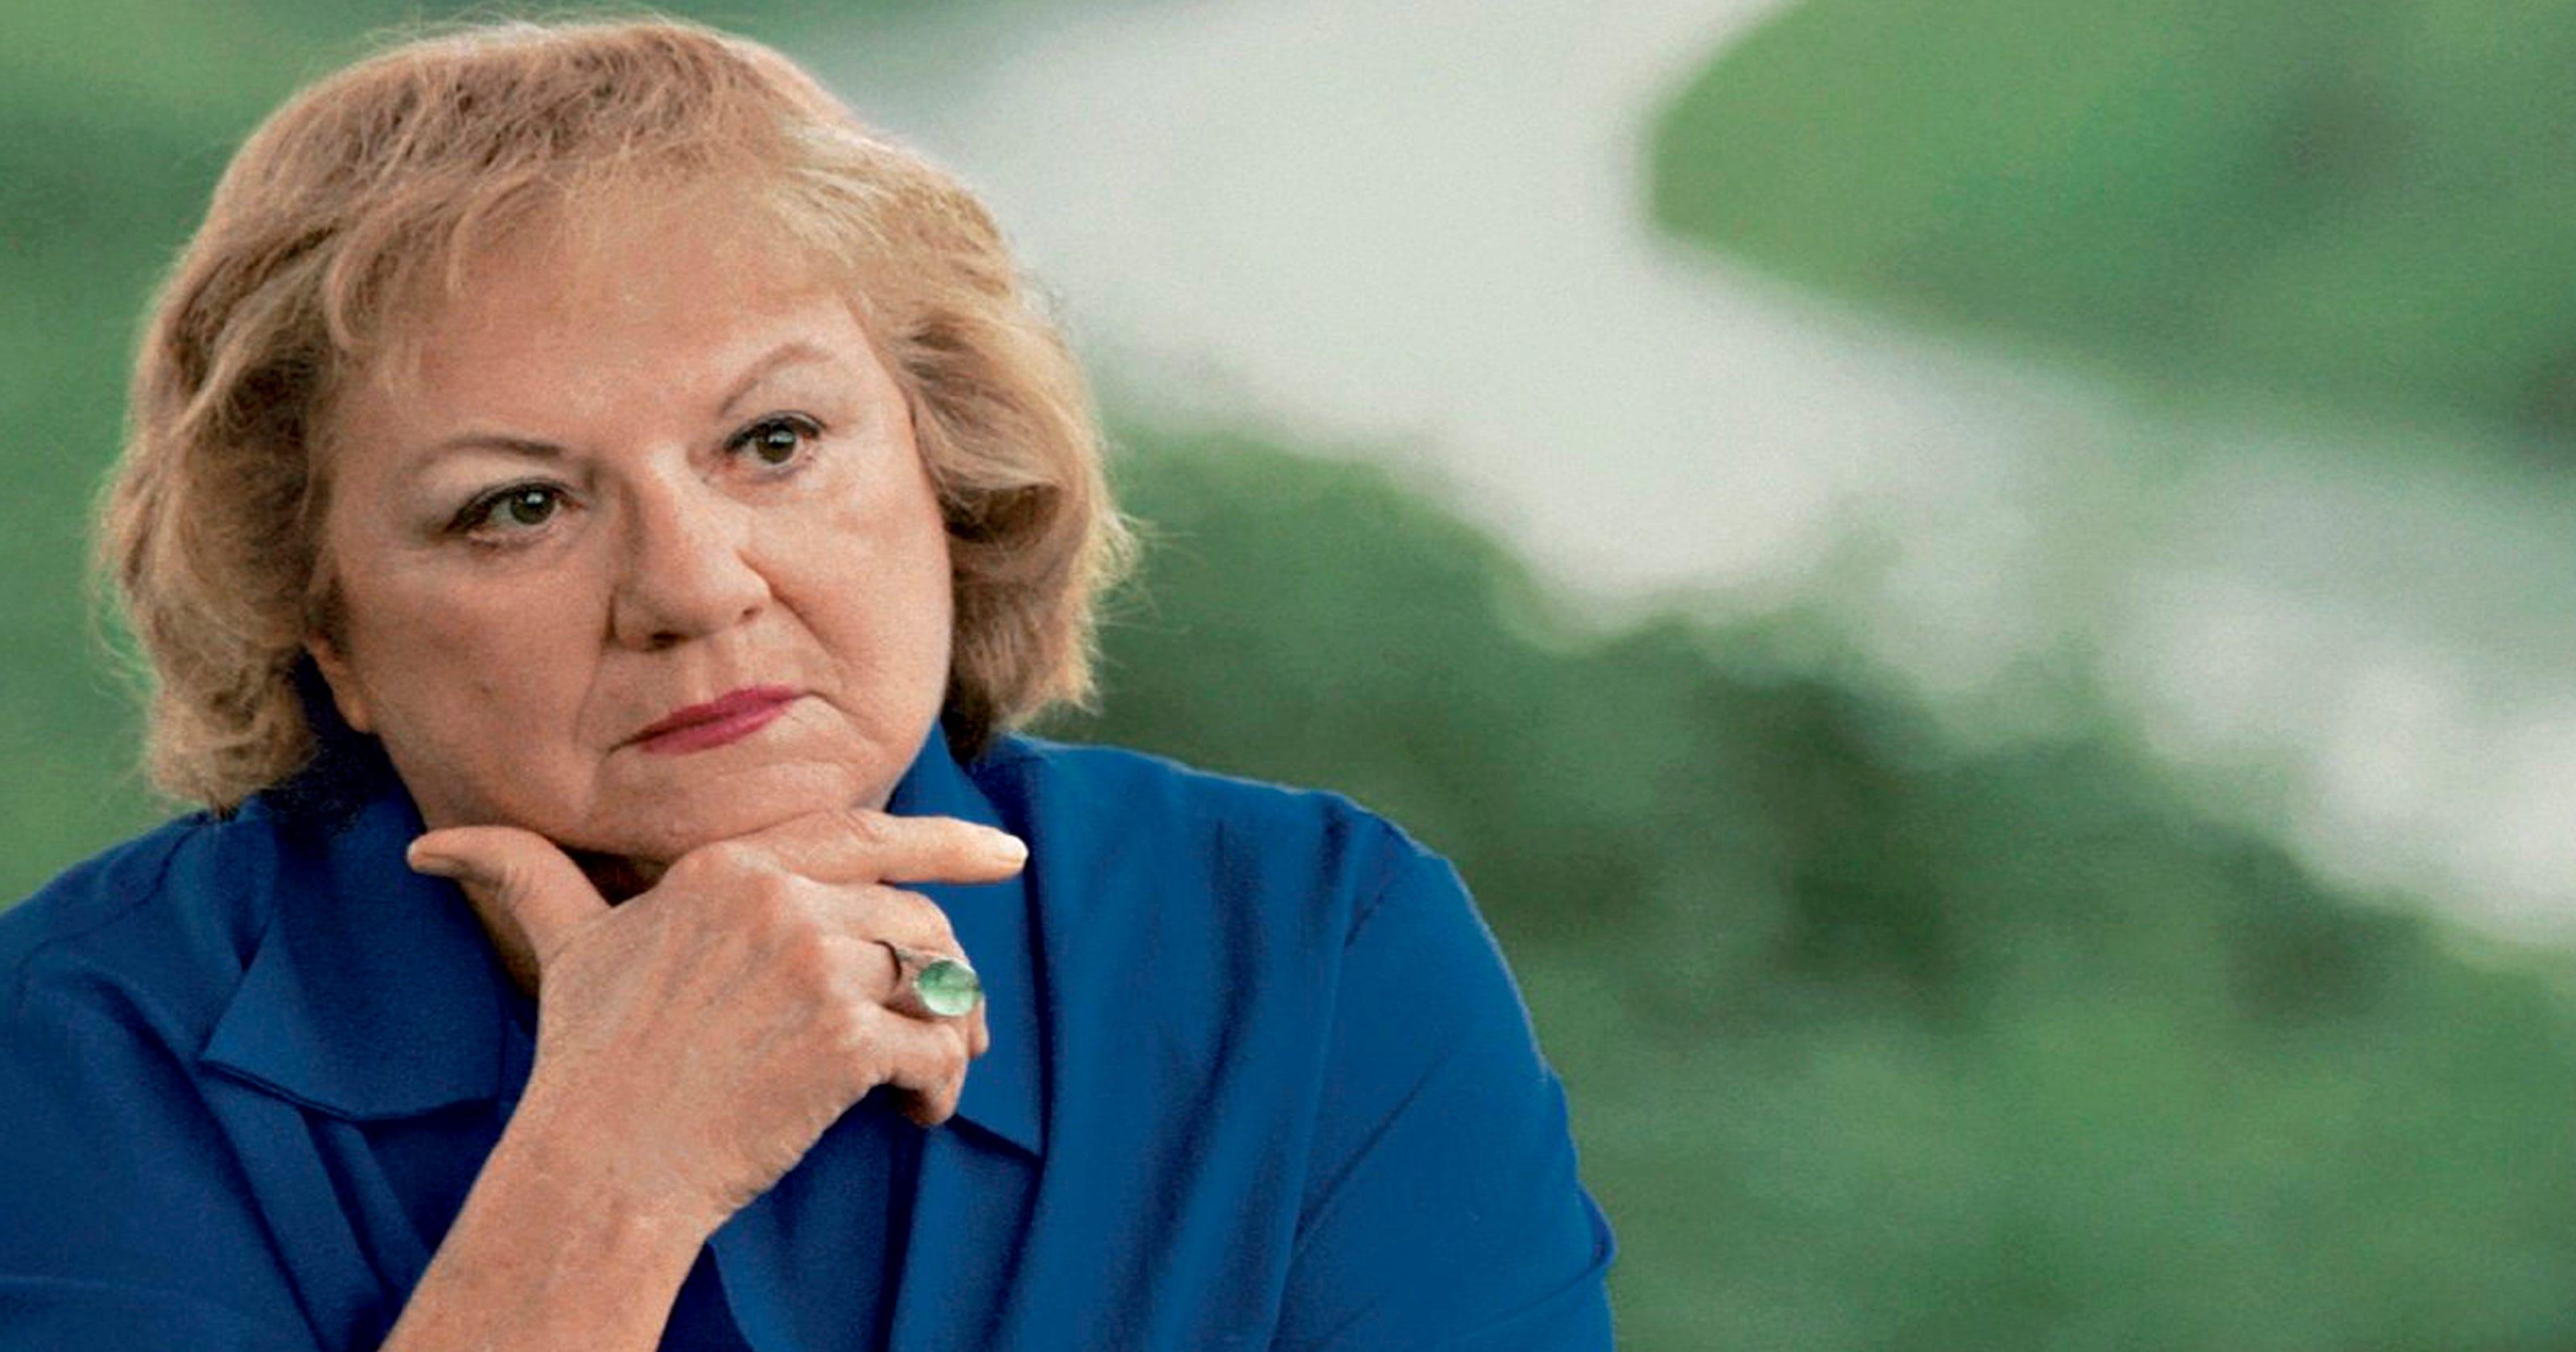 1c3a3bde7 True-crime author Ann Rule dies at age 83